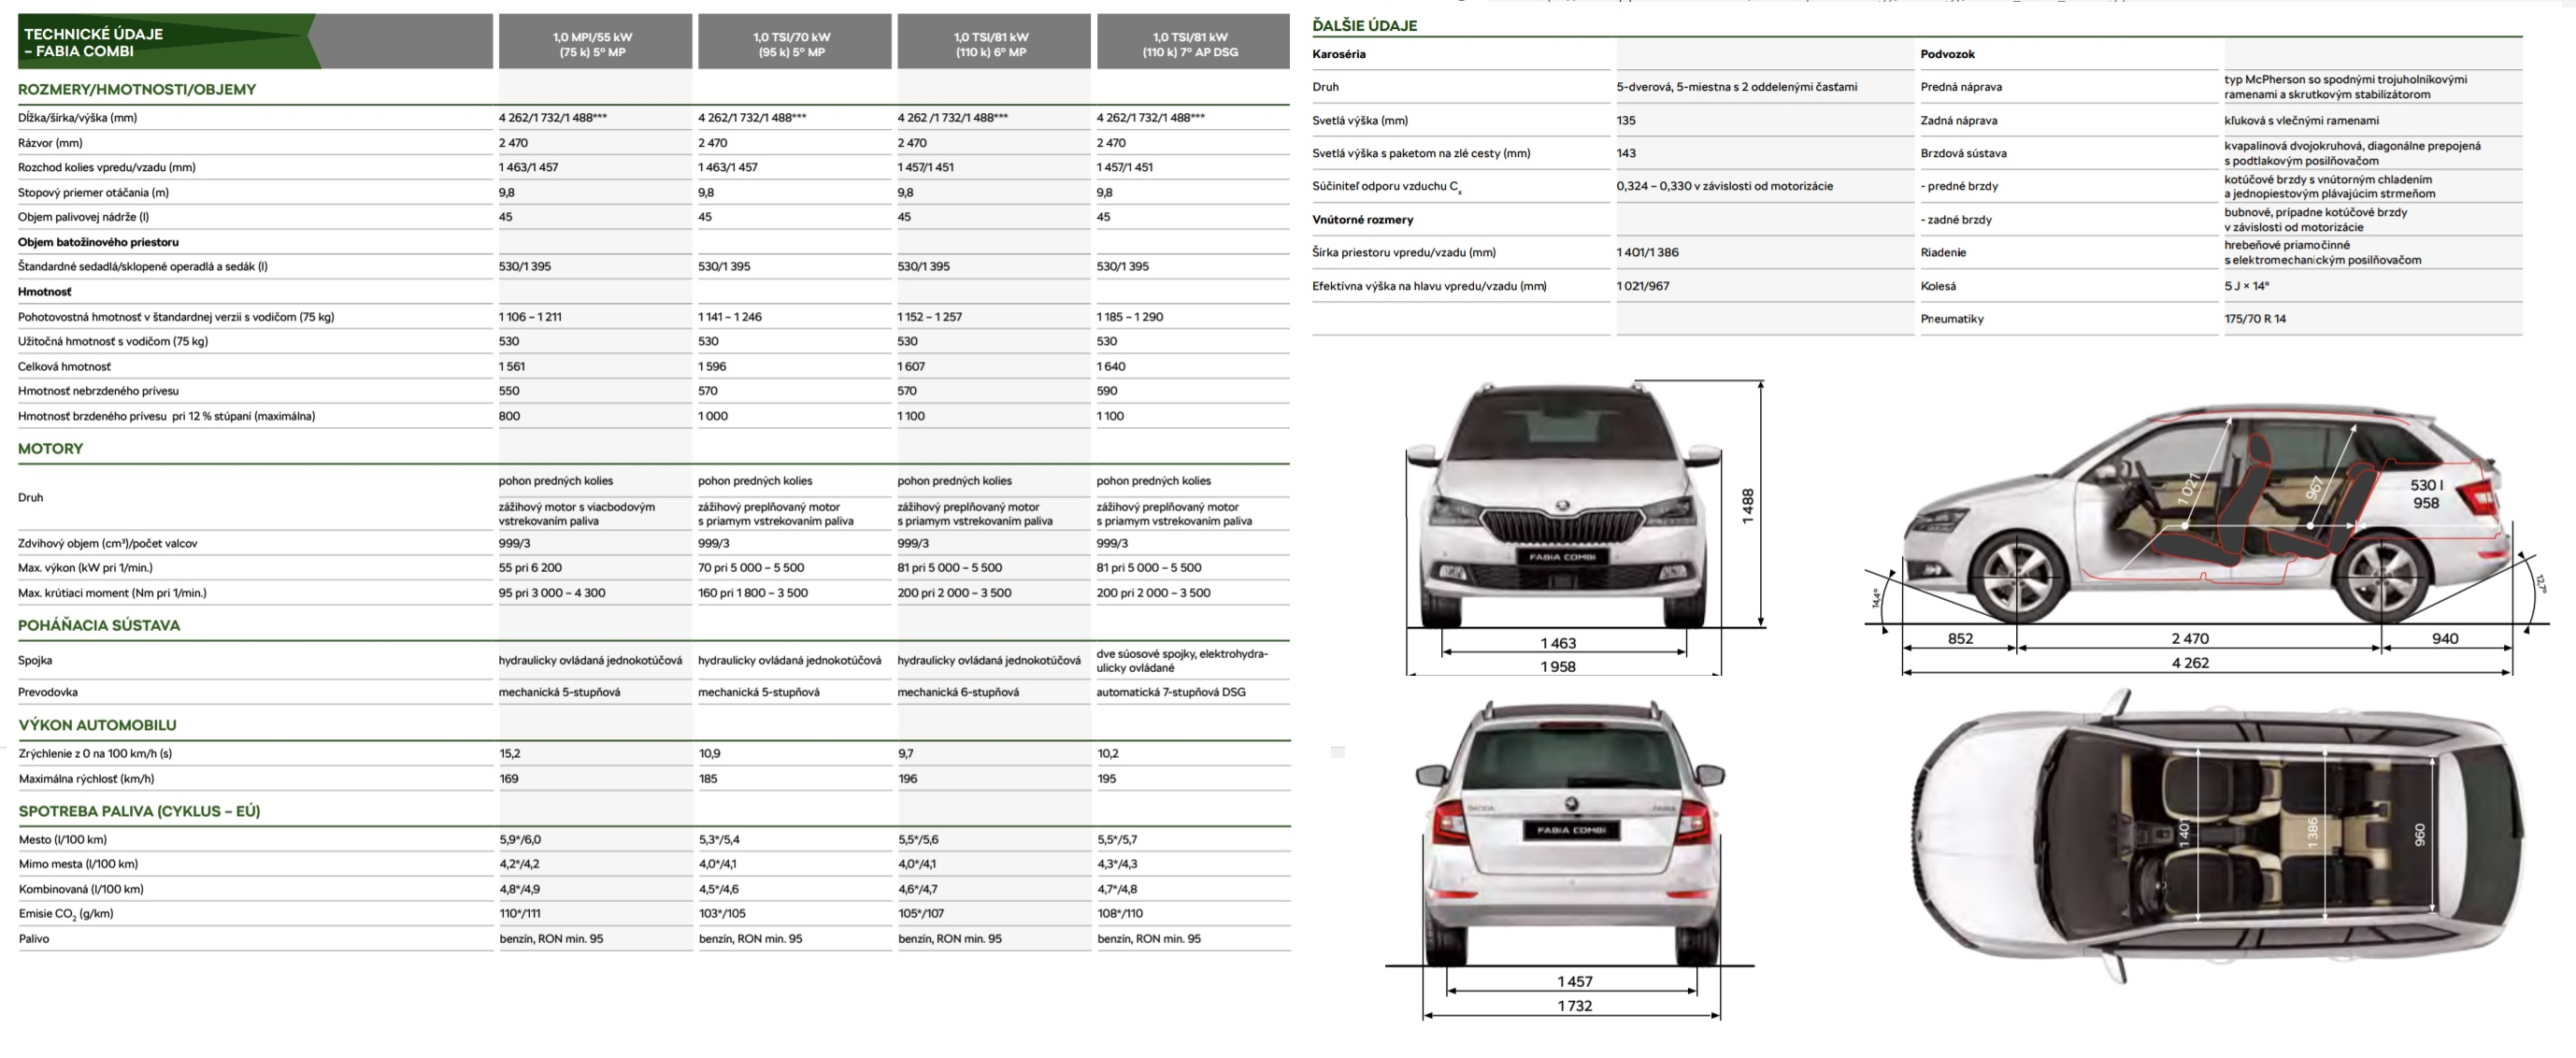 Technické údaje Škoda Fabia Combi